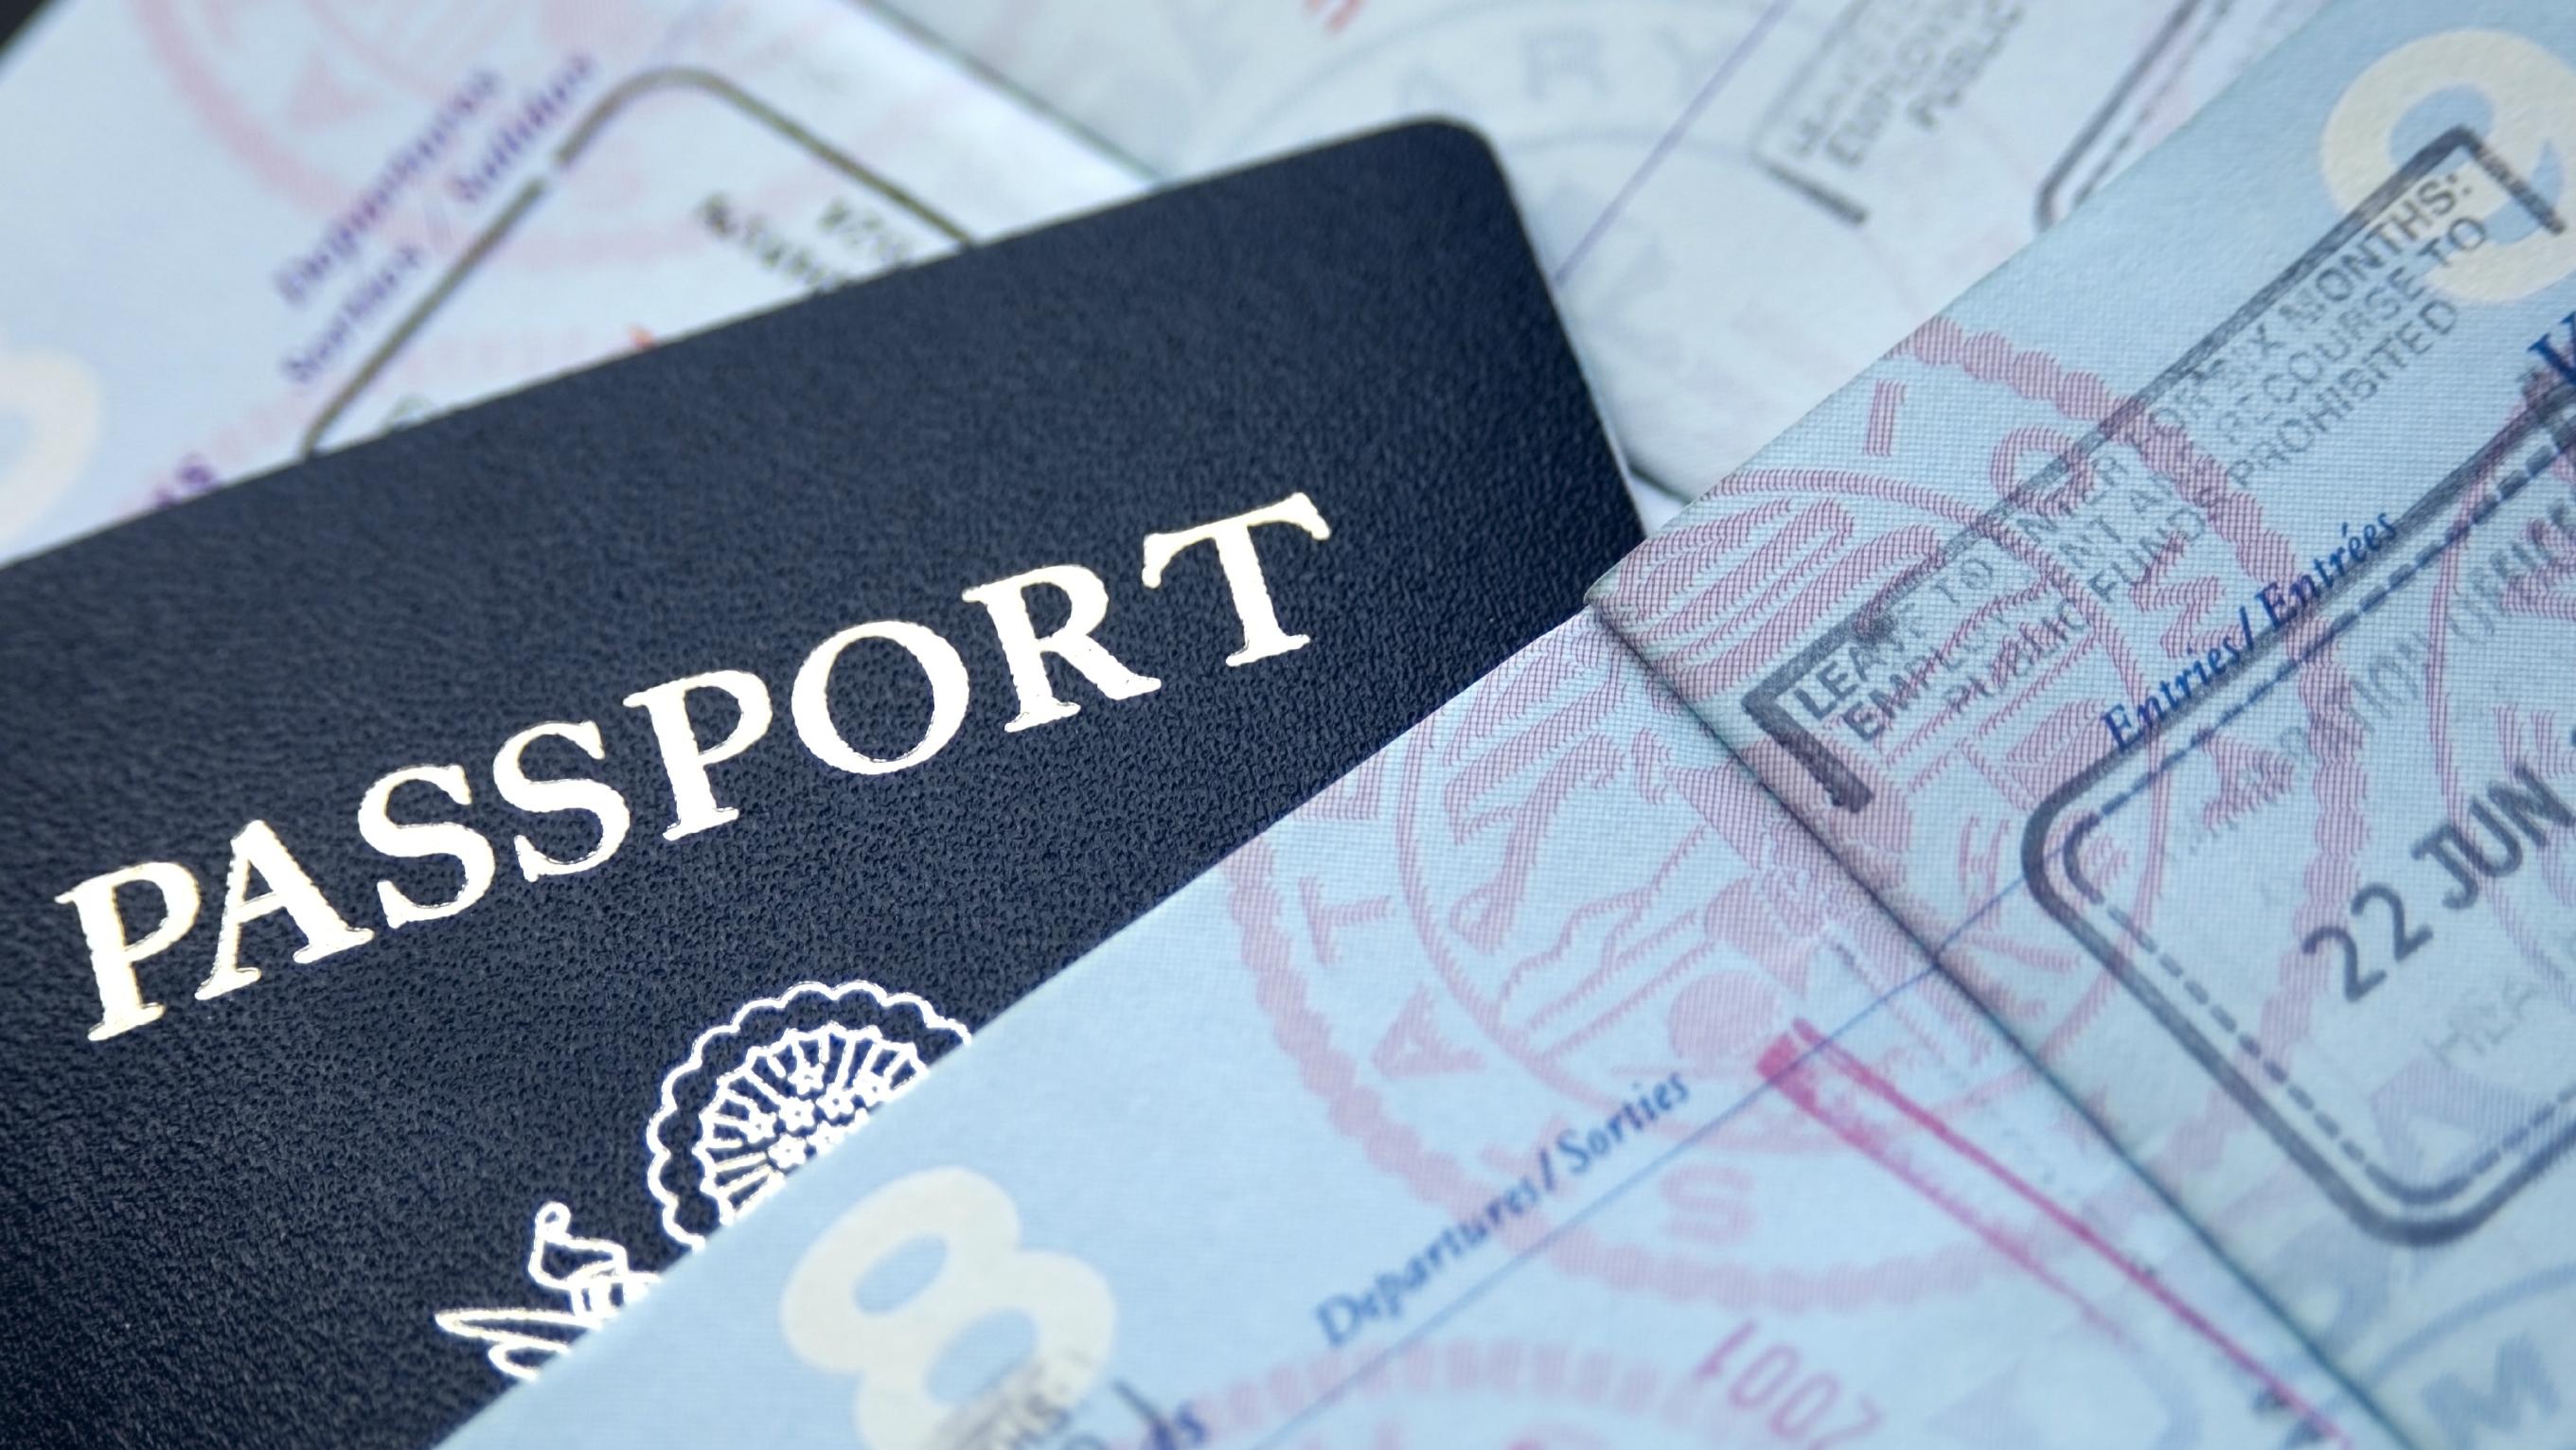 Порядок регистрации иностранных граждан в киргизии как принять на работу гражданина белоруссии без регистрации